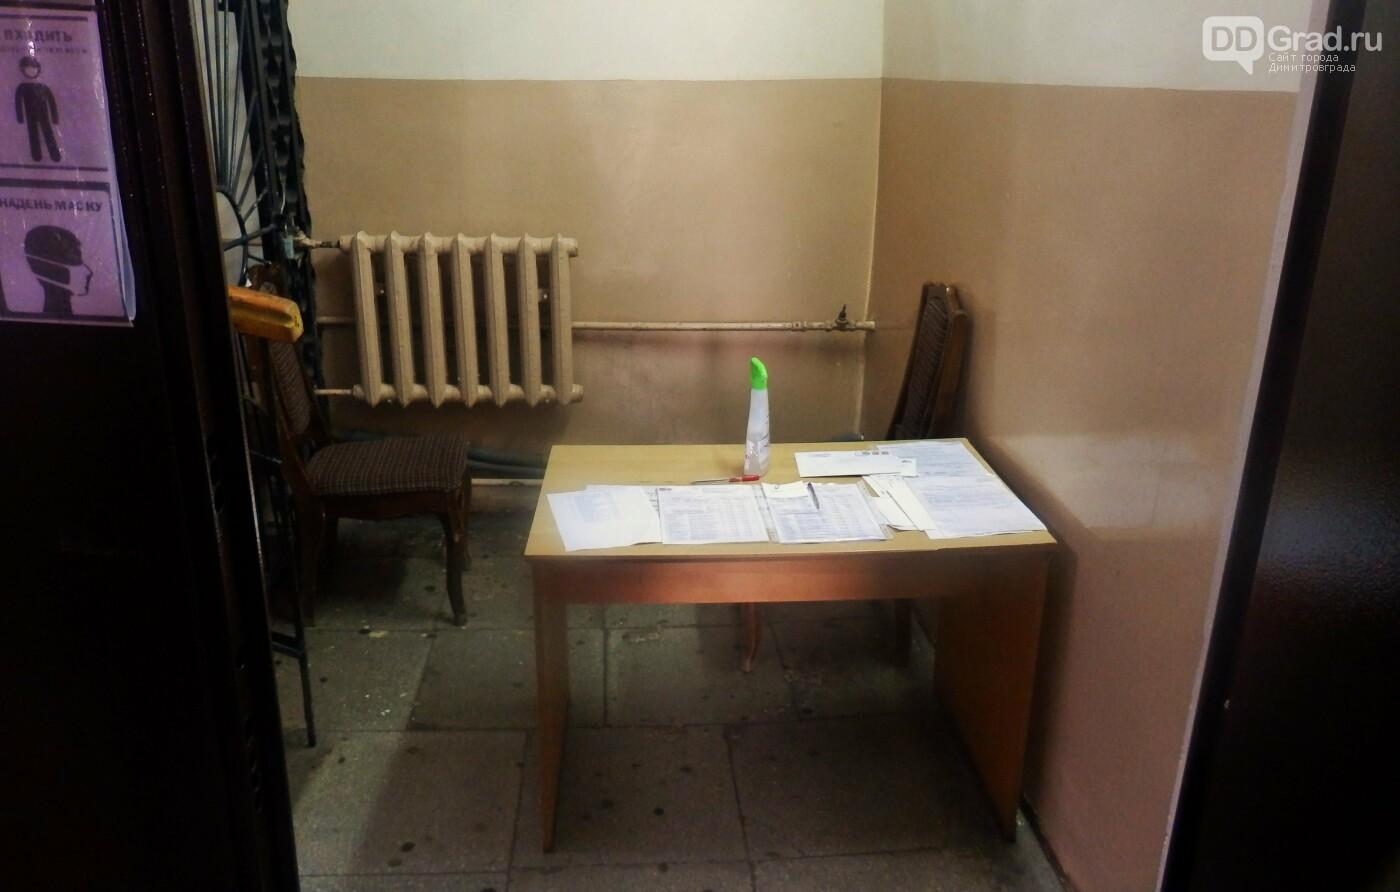 Димитровградский Центр занятости возобновил приём граждан, фото-1